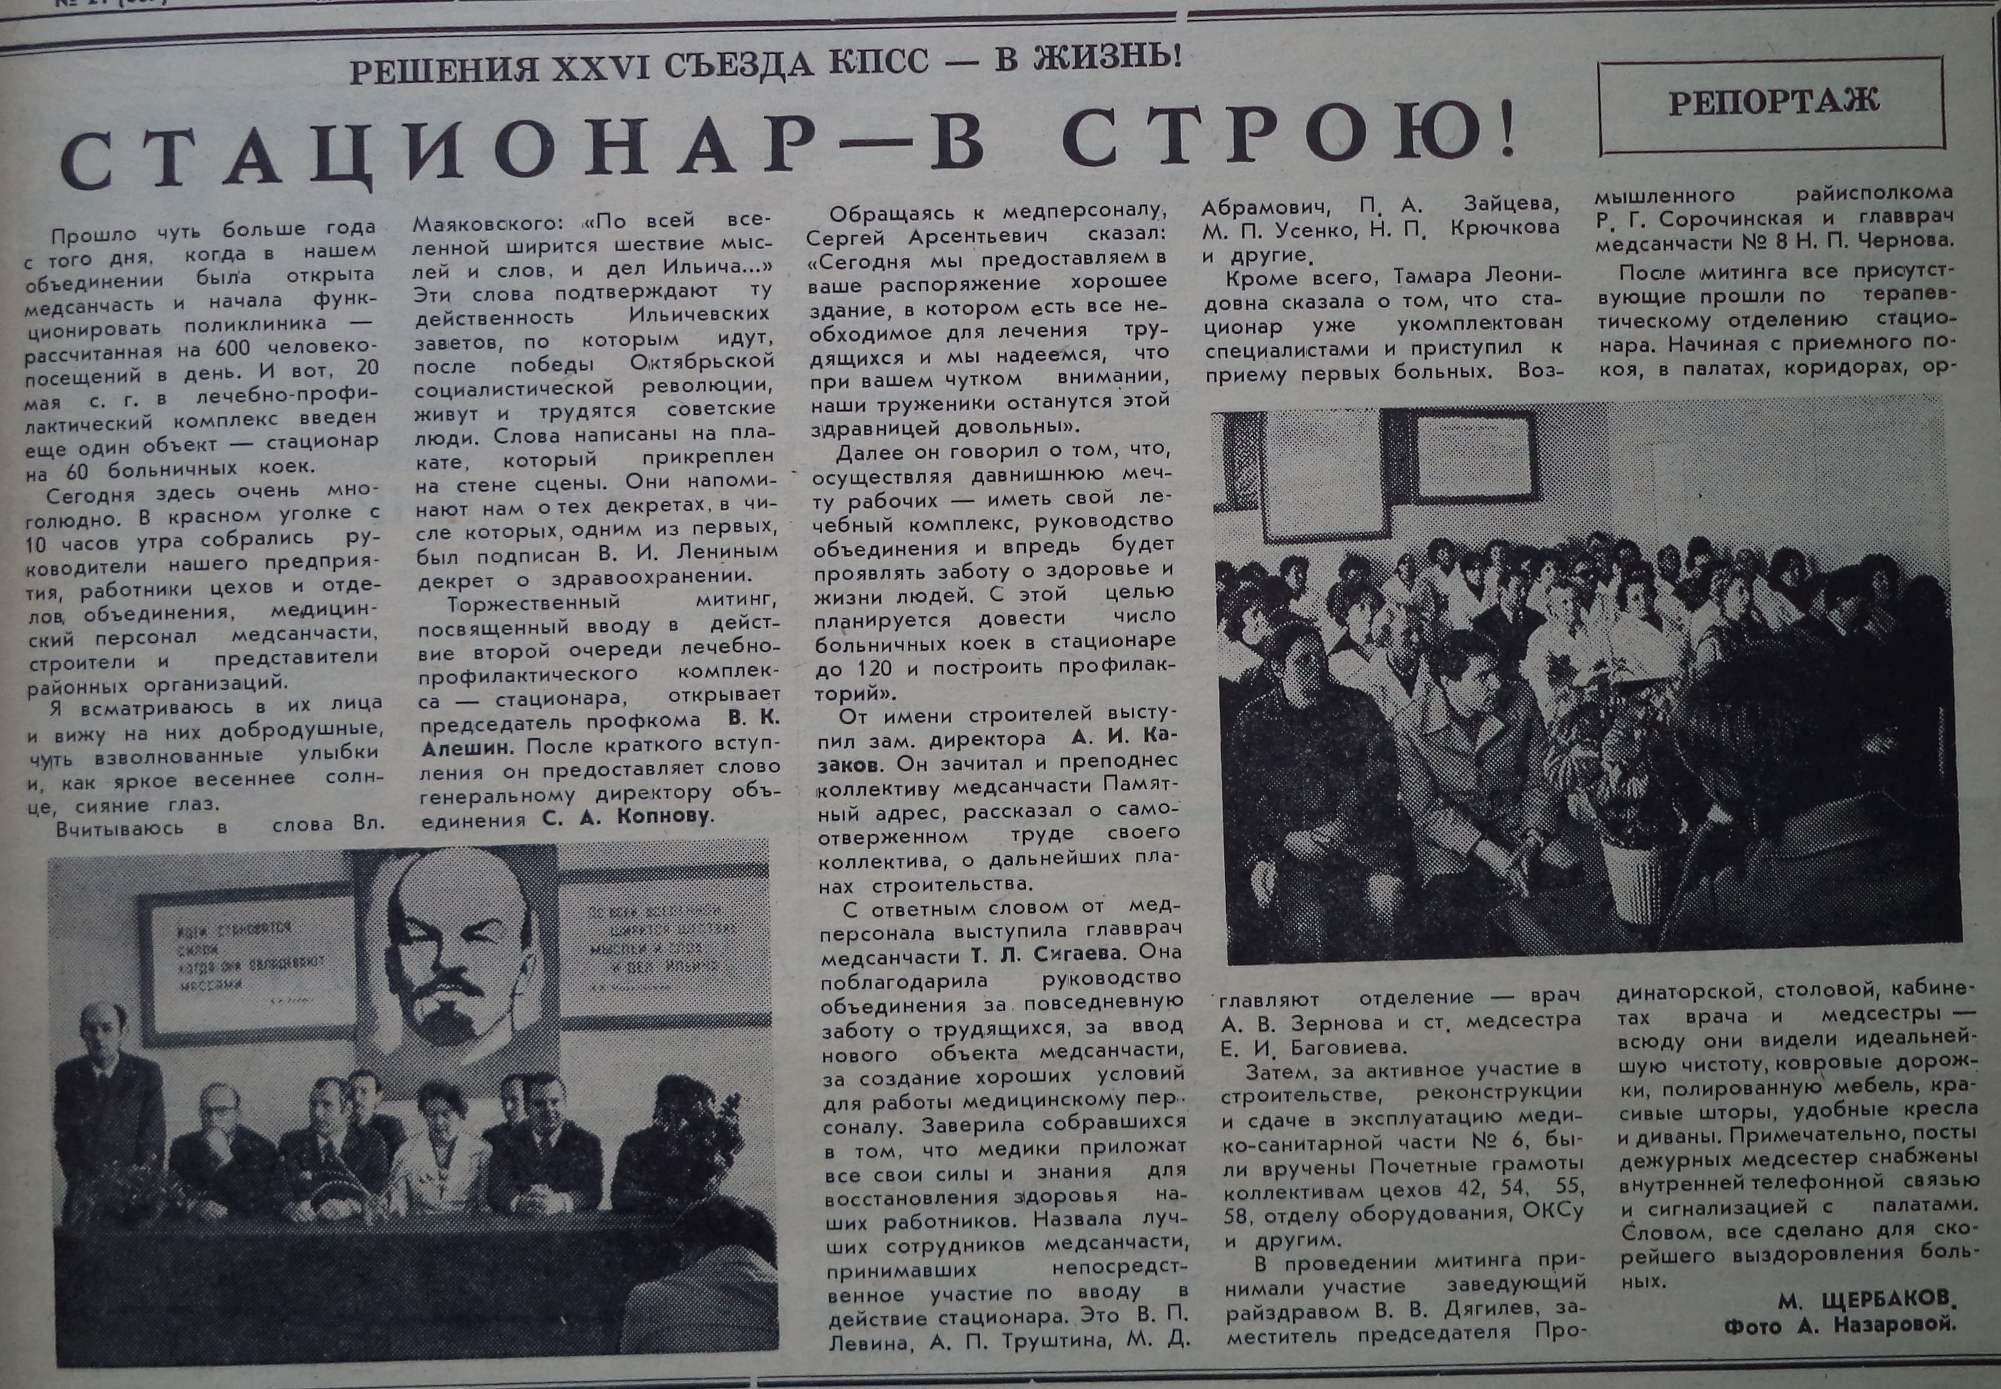 Теннисная-ФОТО-31-Передовик-1981-27 мая